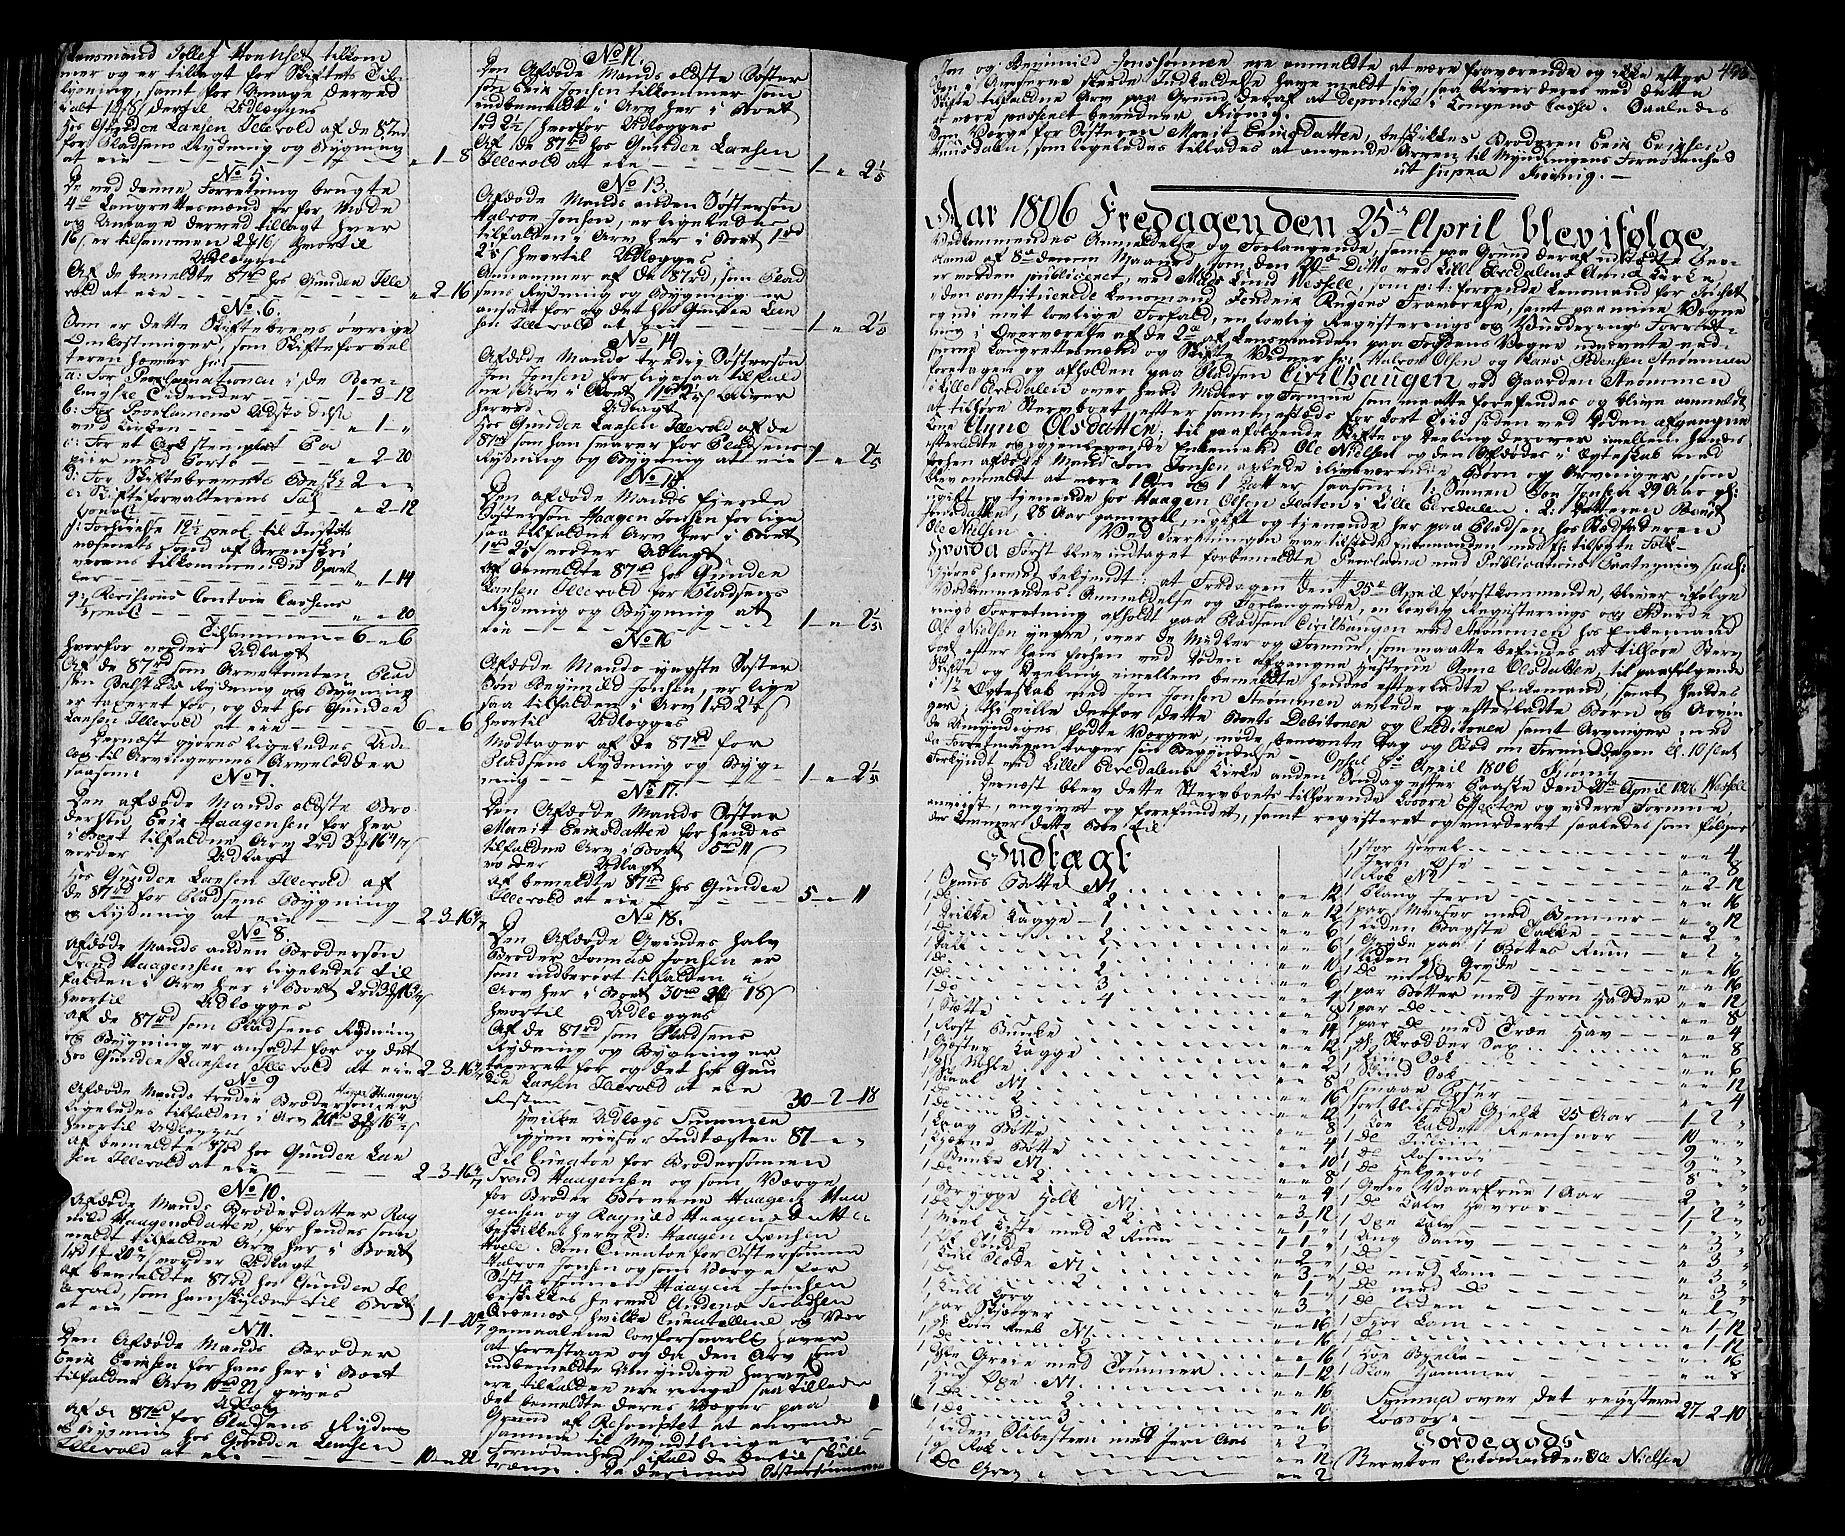 SAH, Østerdalen sorenskriveri, J/Ja/L0009: Skifteprotokoll, 1803-1806, s. 452b-453a